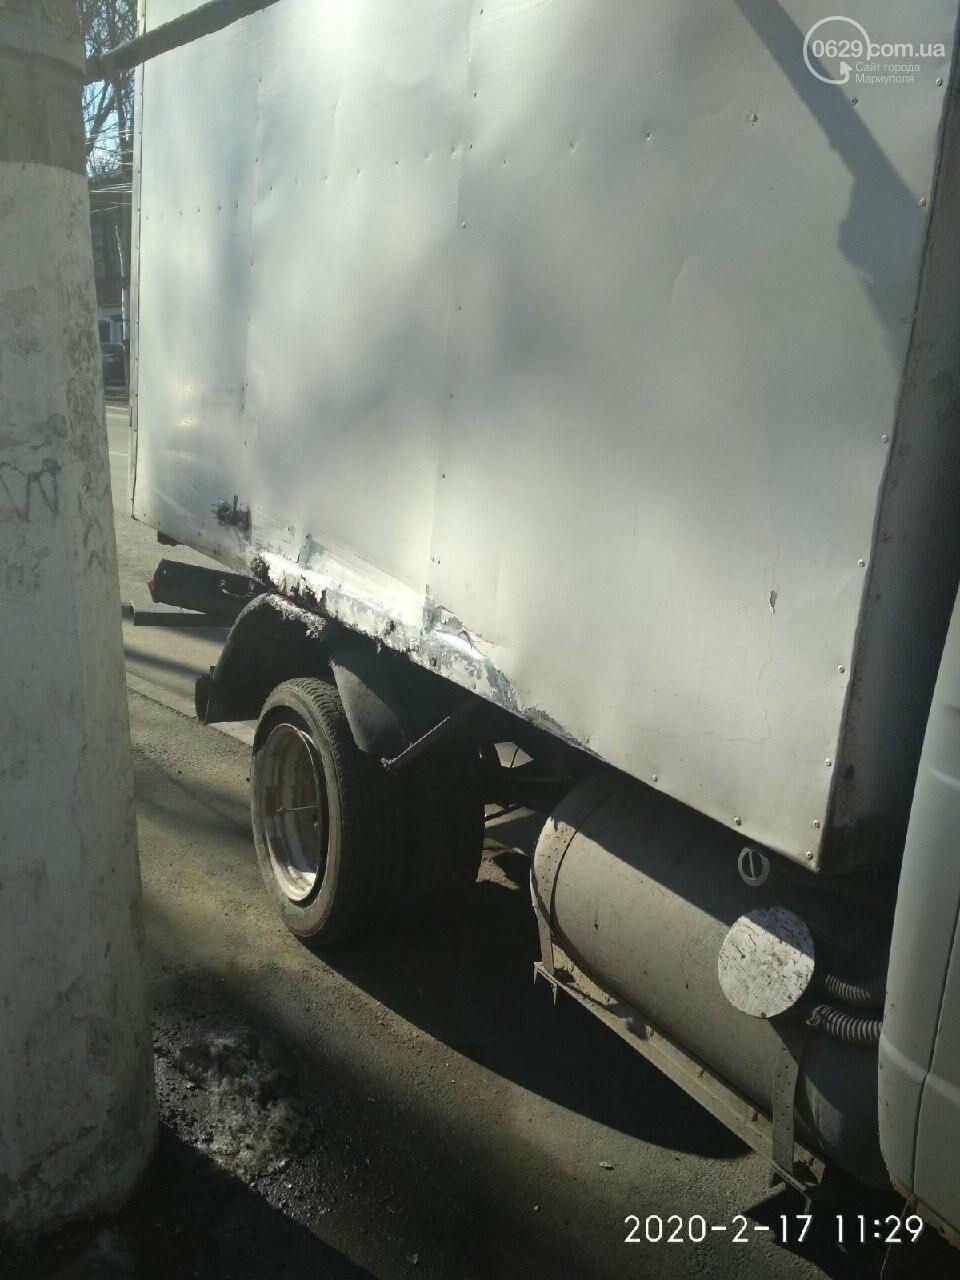 Массовое ДТП. В Мариуполе пострадали пять машин, - ФОТО, фото-5